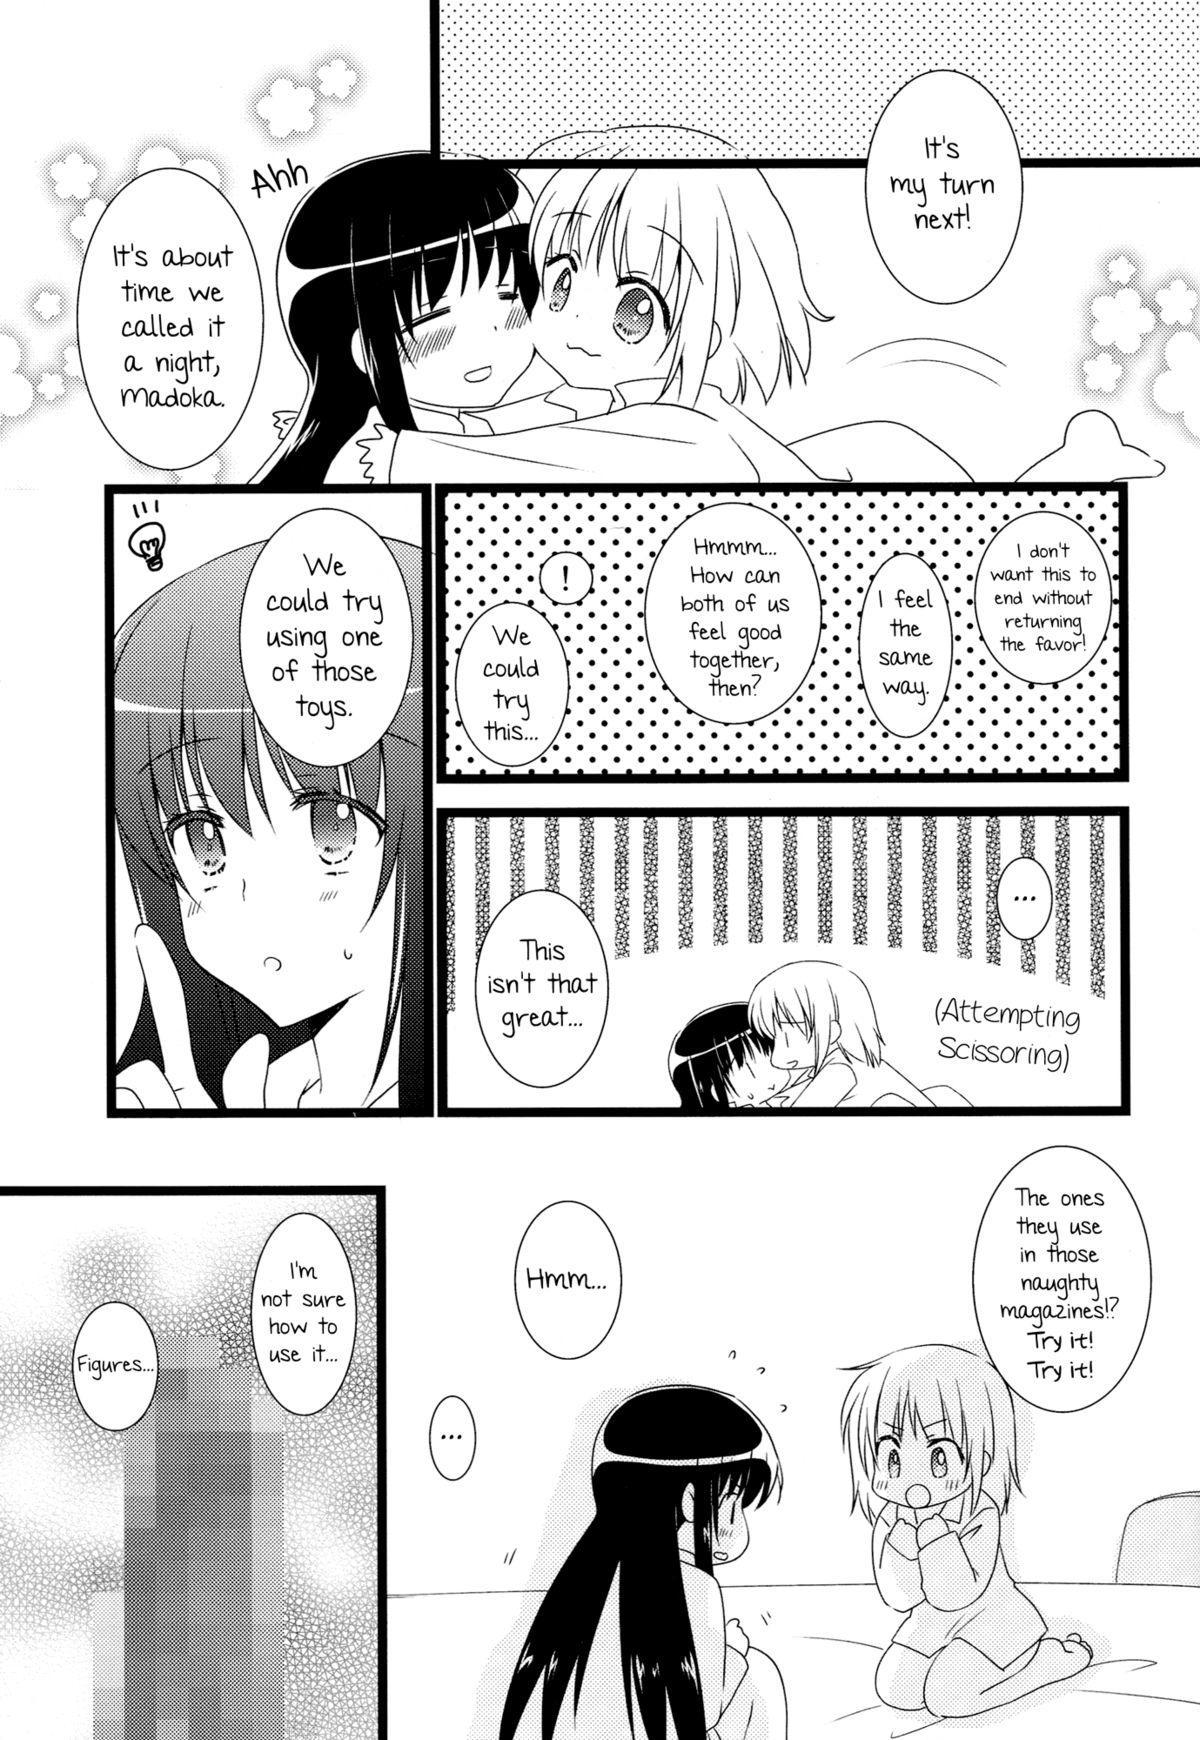 Futarikiri no Yoru no Ohanashi | A Story of Their Night Together 19